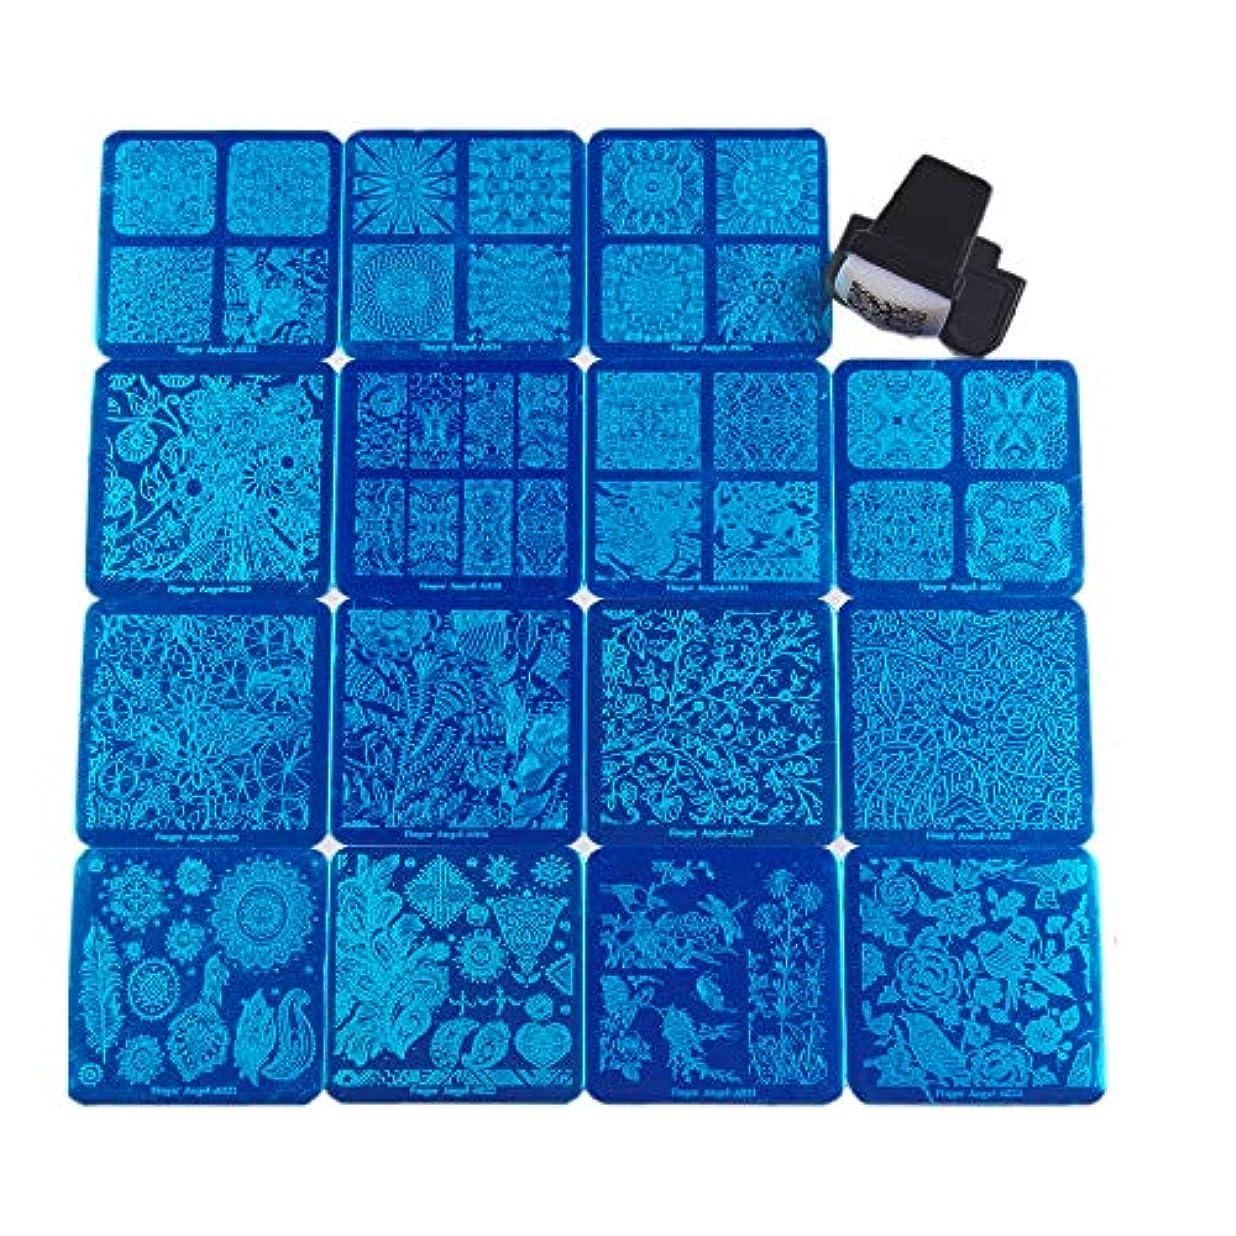 近く正規化入射FingerAngel ネイルイメージプレートセット ネイルプレート正方形15枚 スタンプ スクレーパー カードバッグ付き ネイルサロンも自宅も使えるネイルプレート